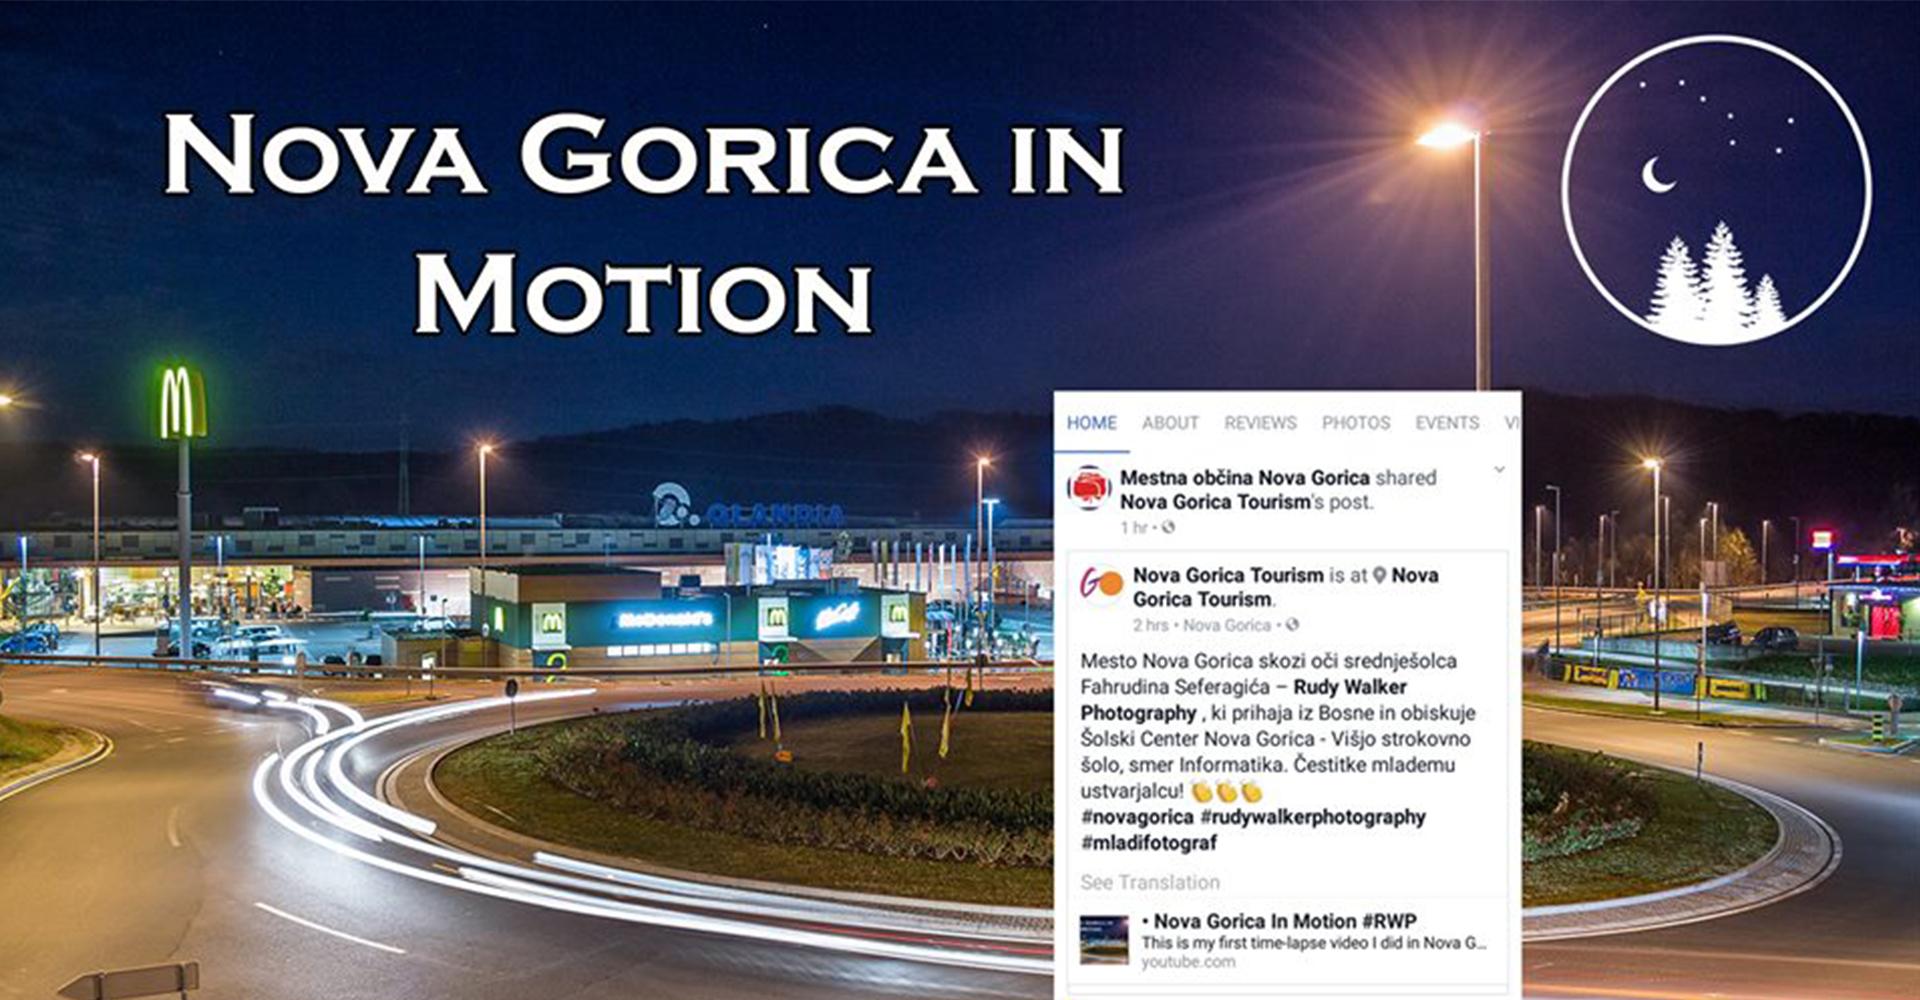 Nova Gorica in Motion